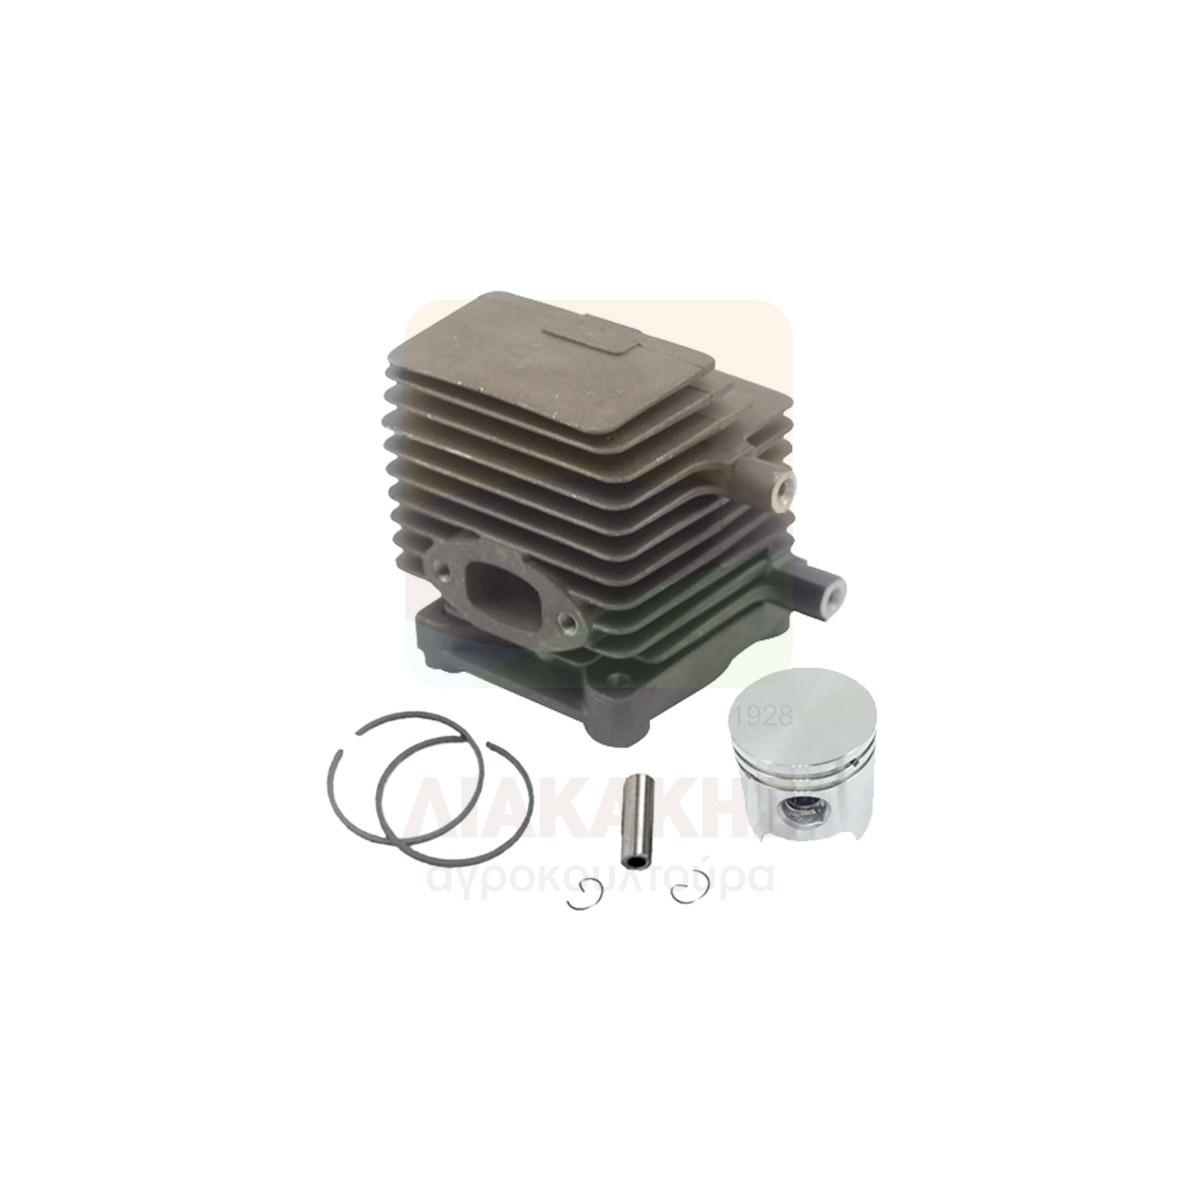 Κυλινδροπίστονο Ø34mm για αλυσοπρίονα Jonsered 2150 - Stihl HT 70-75 - FS 80-85